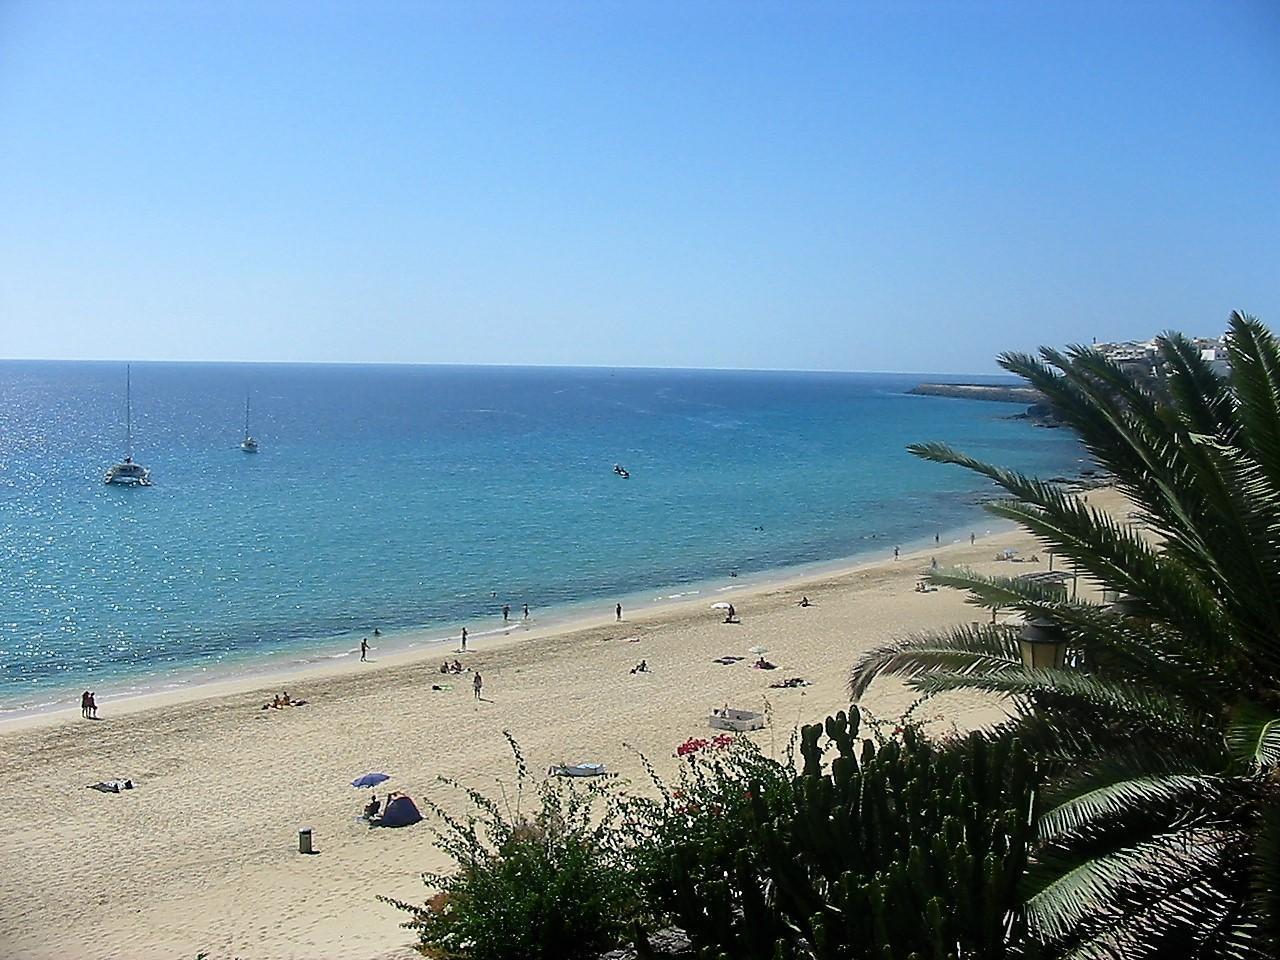 Ferienwohnung Apartment 2 / 4p am Strand und mit allen Dienstleistungen, mit Meerblick, Swimmingpools, a (487787), Morro Jable, Fuerteventura, Kanarische Inseln, Spanien, Bild 26